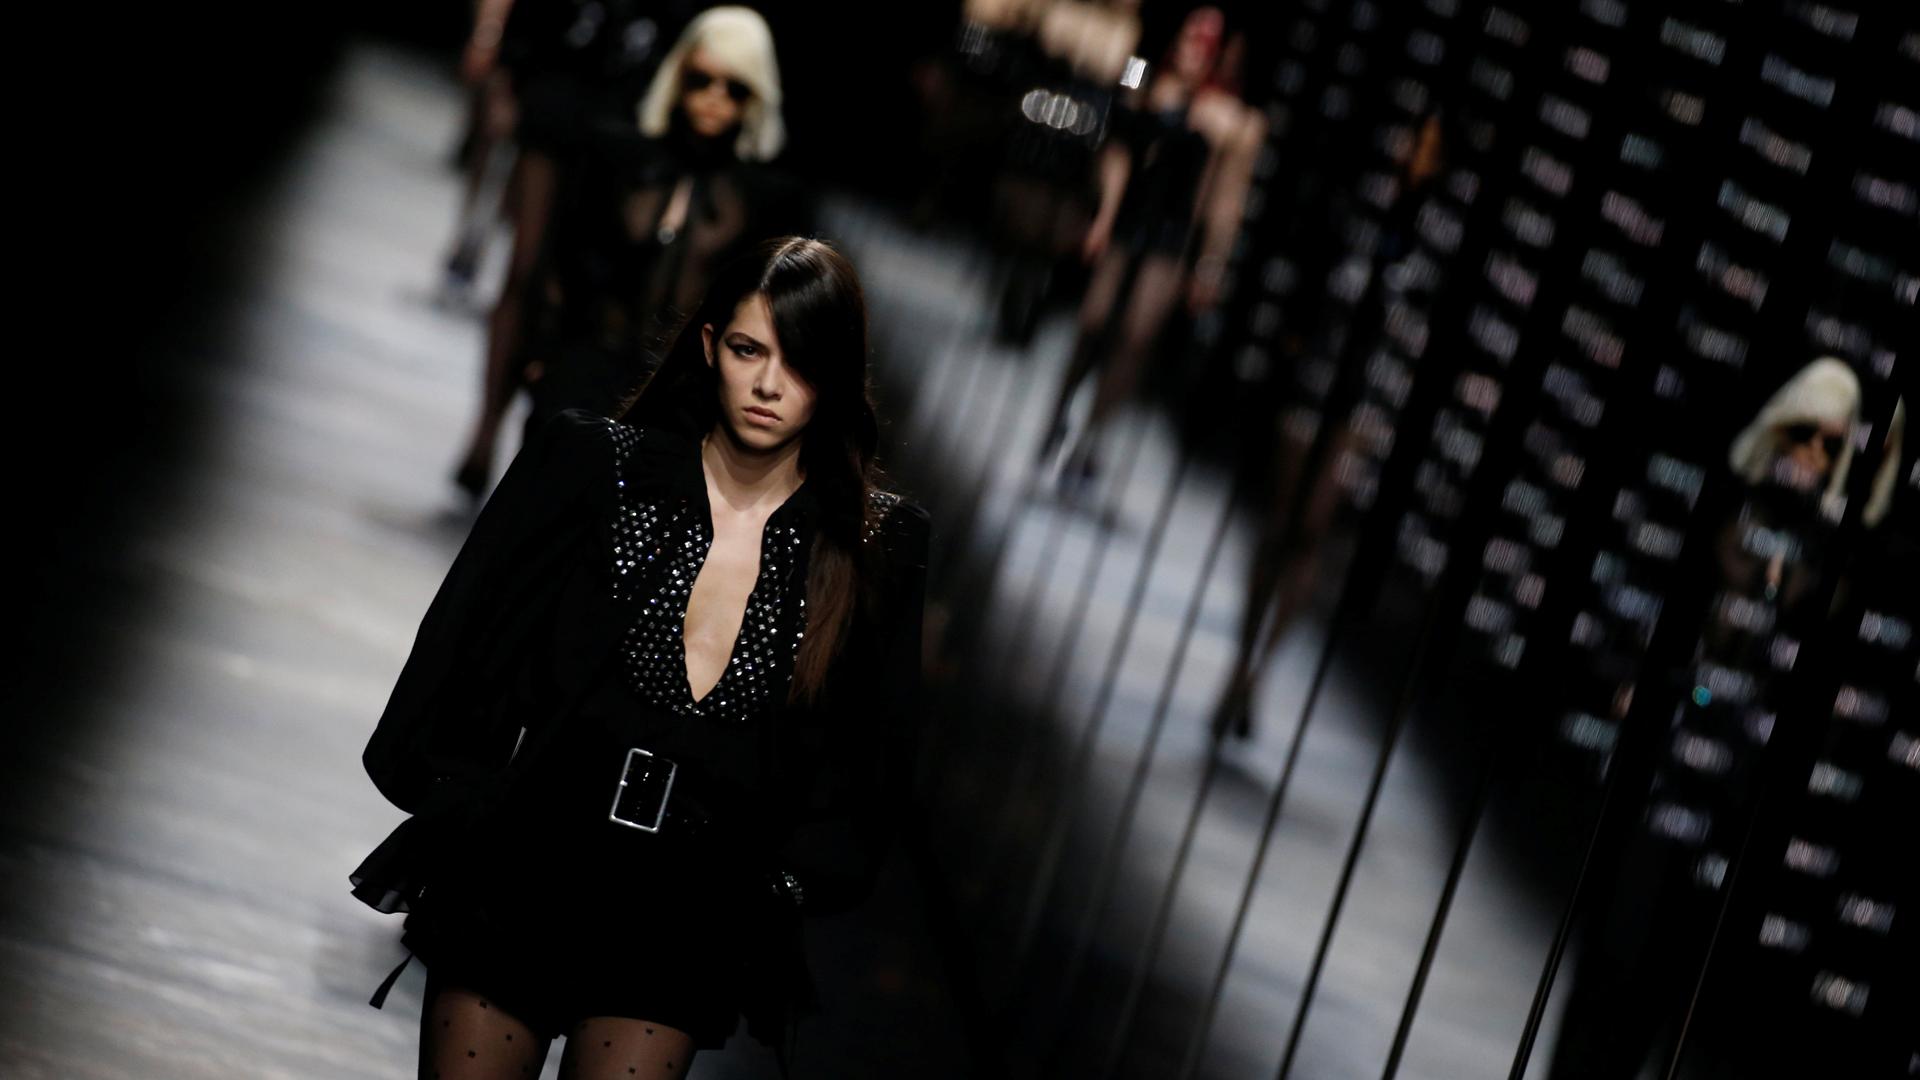 Anthony Vaccarello presentó la nueva colección otoño-invierno 2019/2020 de Saint Laurent en la Semana de la Moda en París